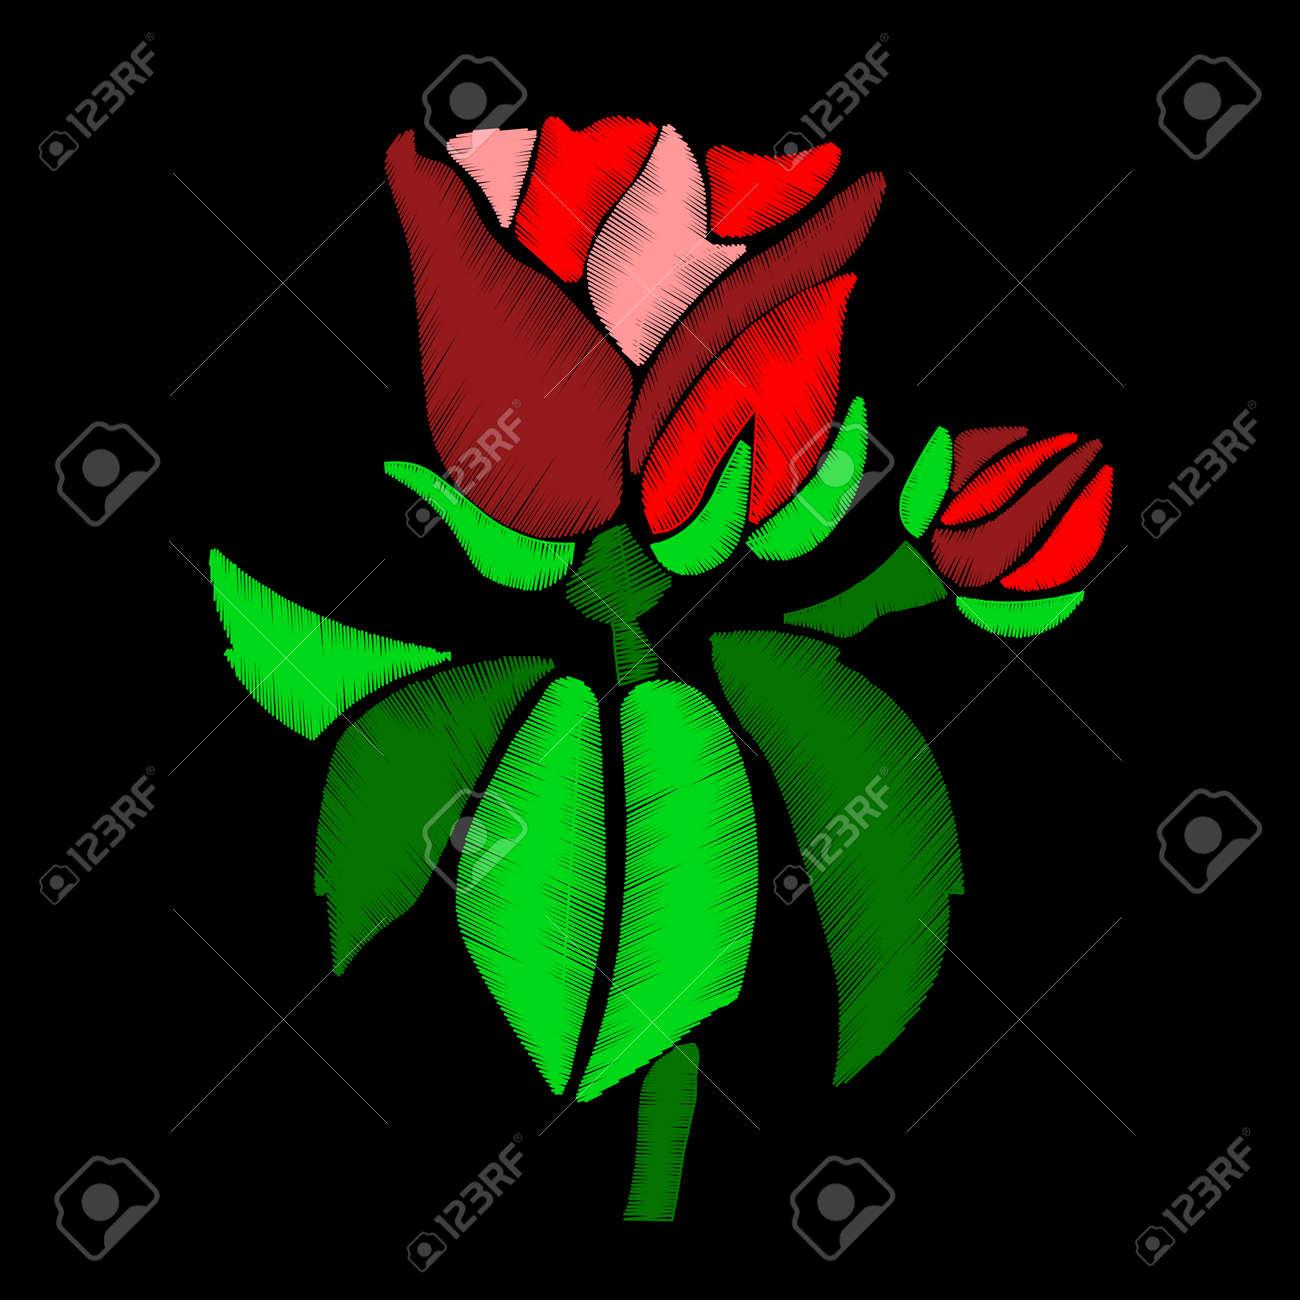 rouge, rose, fleur - broderie sur fond noir. vous pouvez utiliser